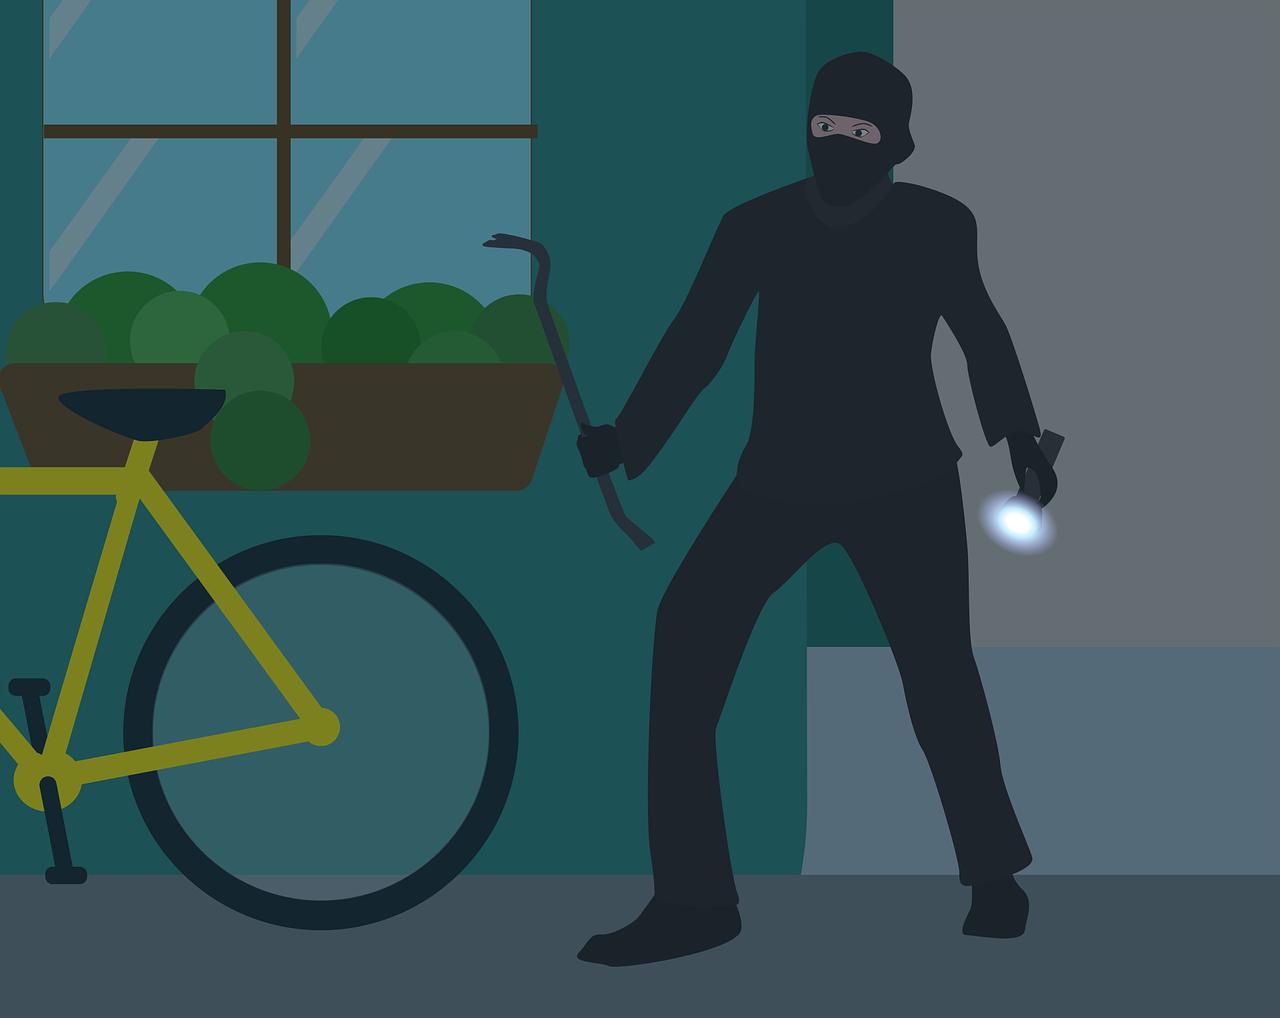 bescherm je woning met een mistmachine